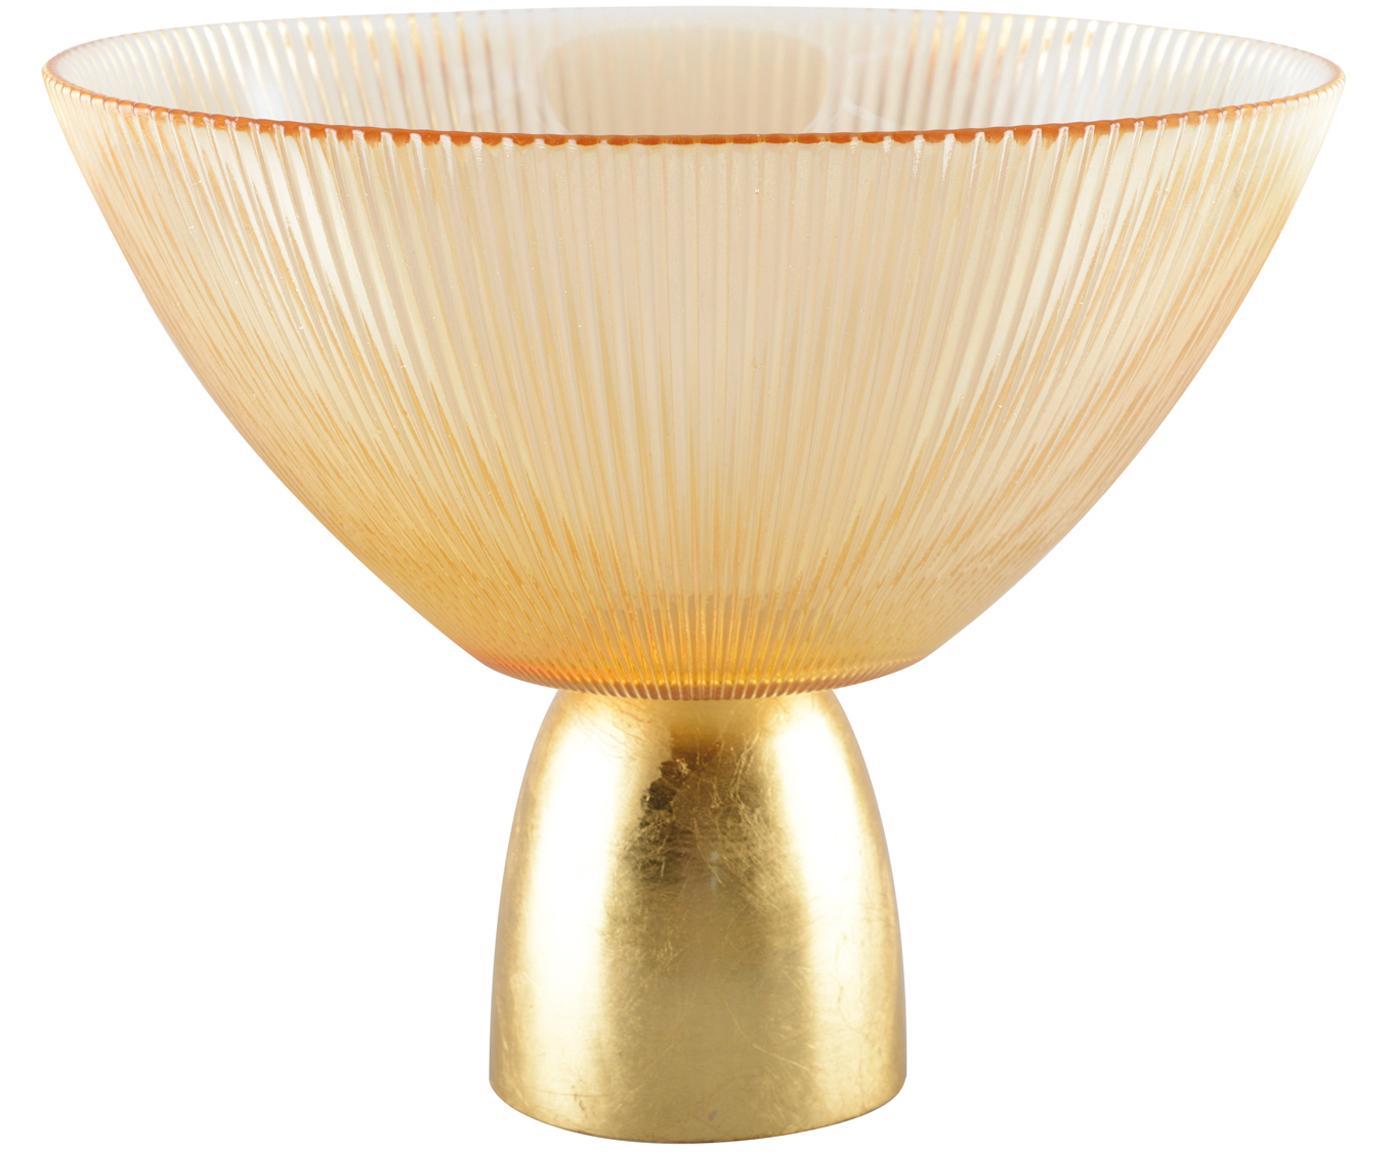 Deko-Schale Luster, Glas, Metall, Bernsteinfarben, transparent, Goldfarben, Ø 22 cm